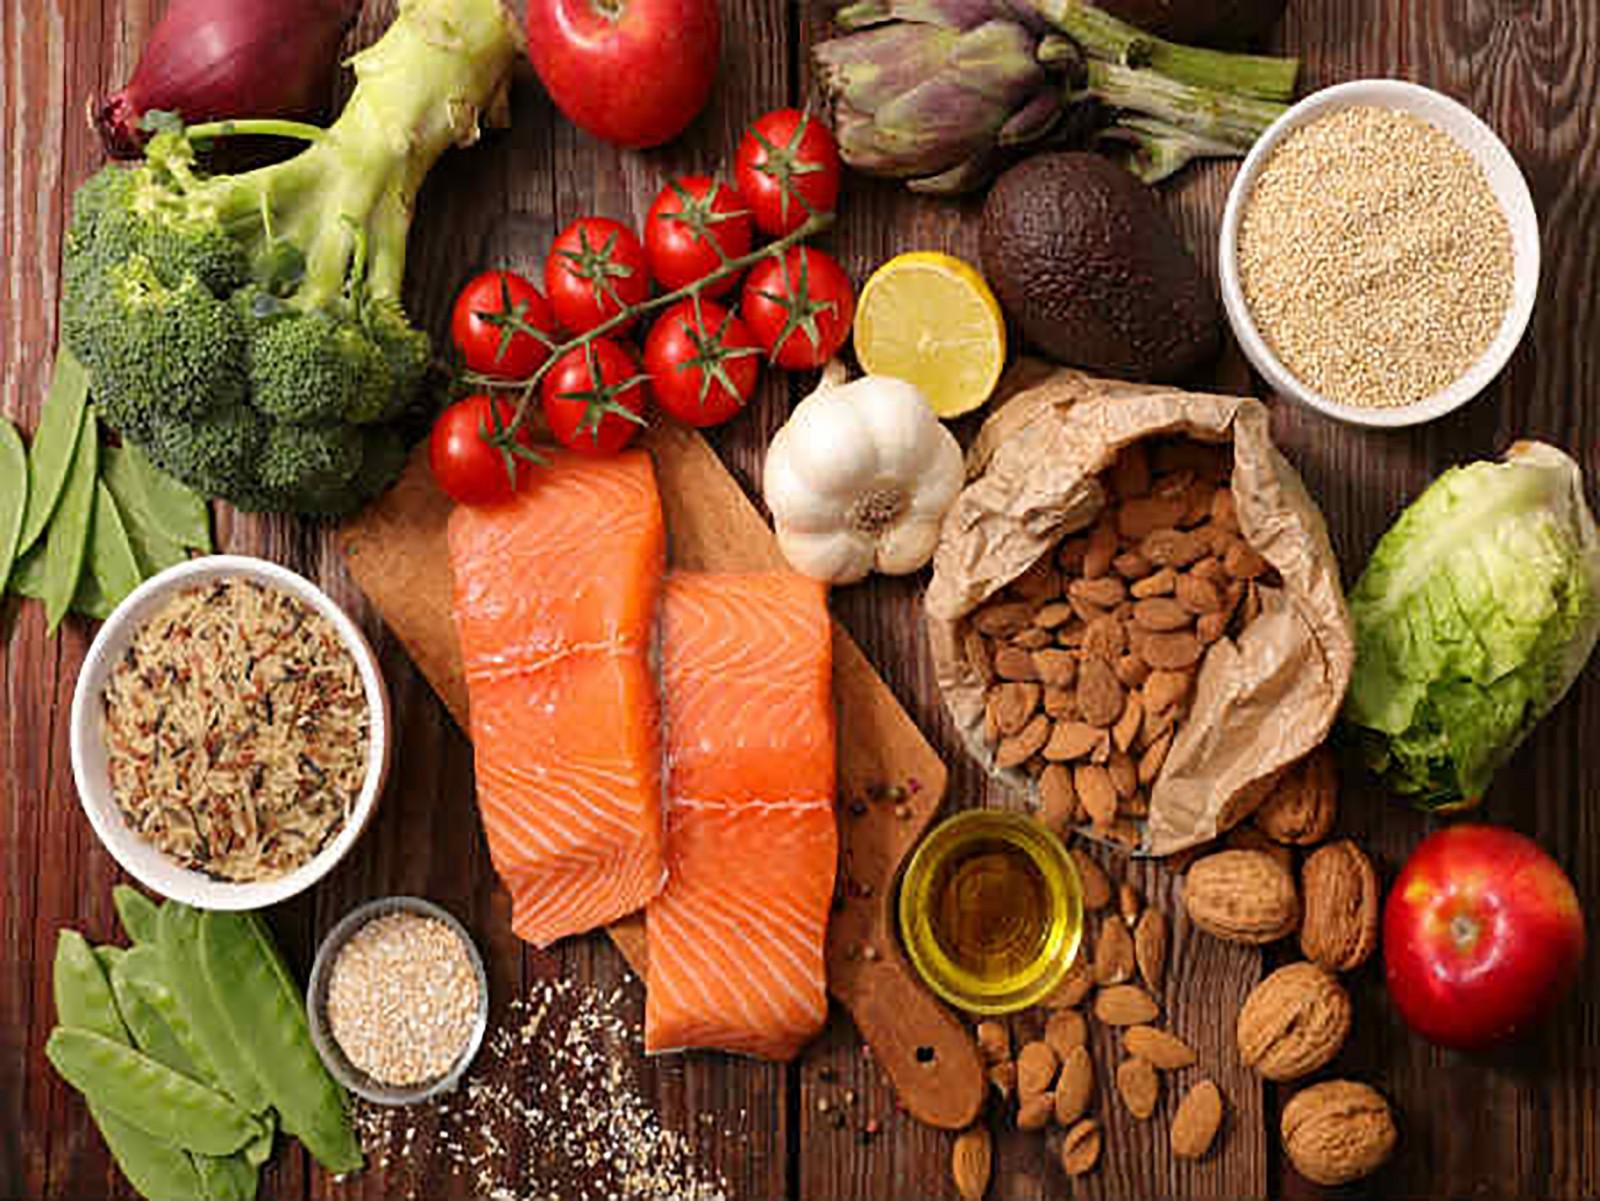 Nhóm thực phẩm giúp cơ thể bổ sung serotonin. Ảnh: Boldsky